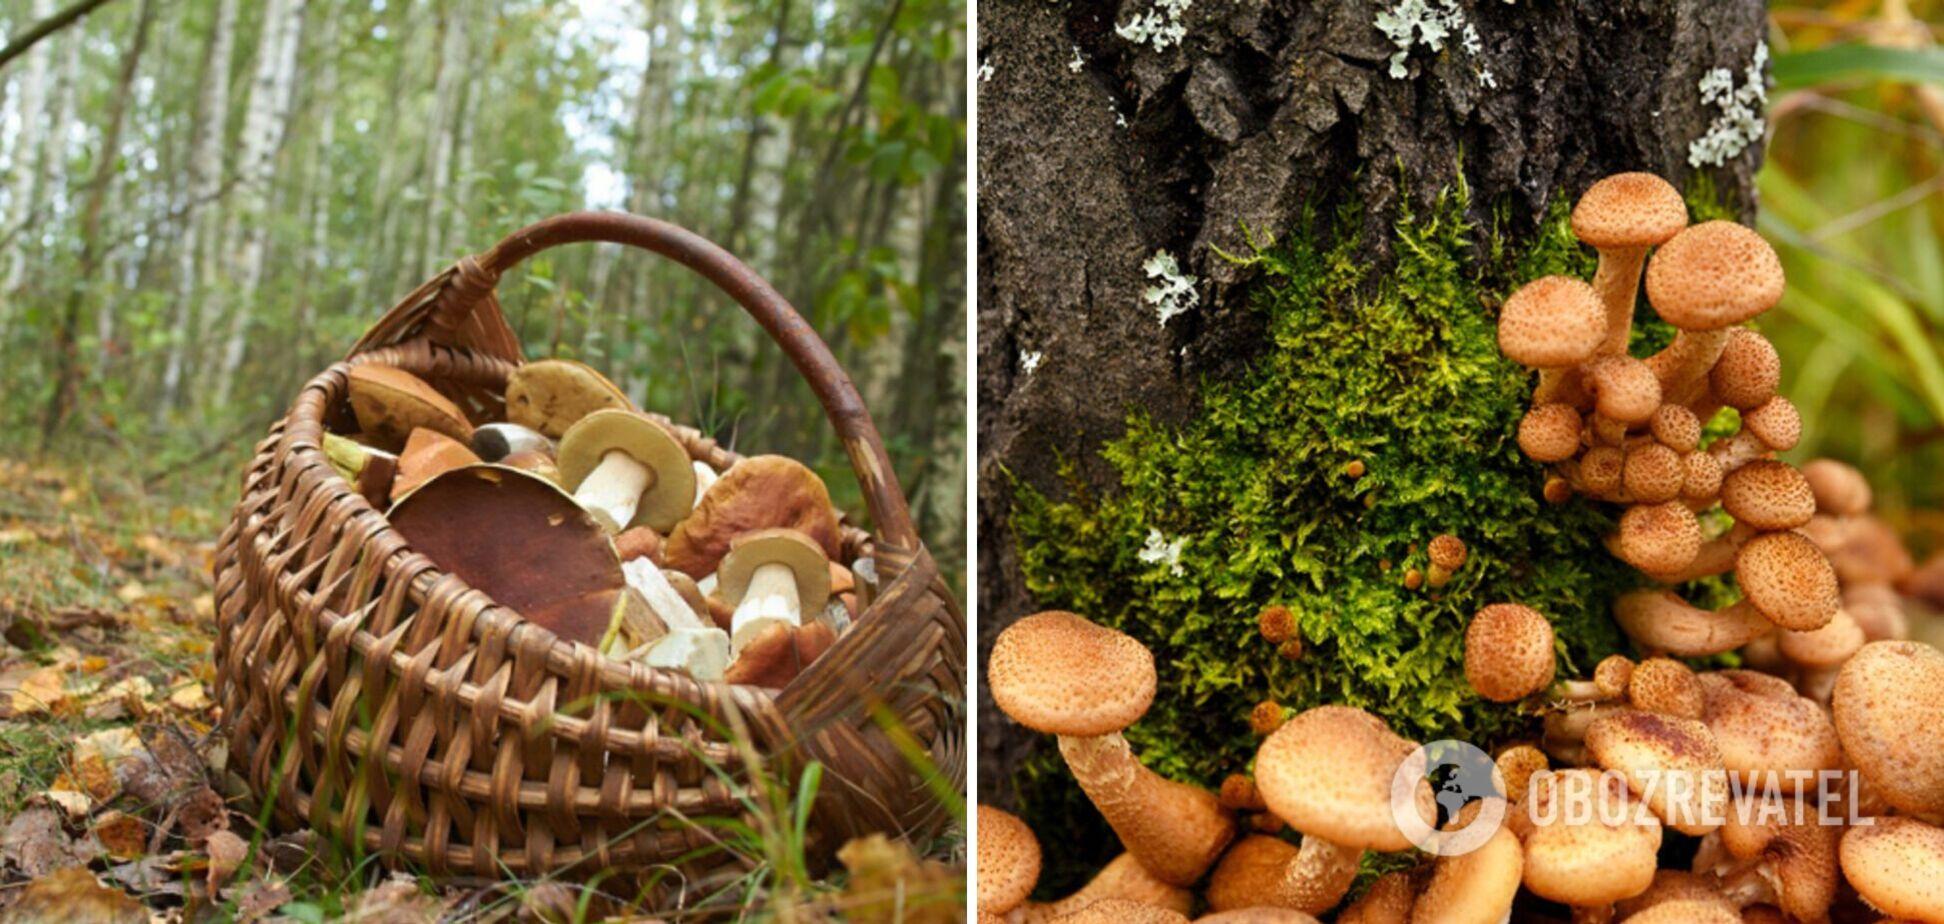 Как не испортить опята: правильная подготовка грибов